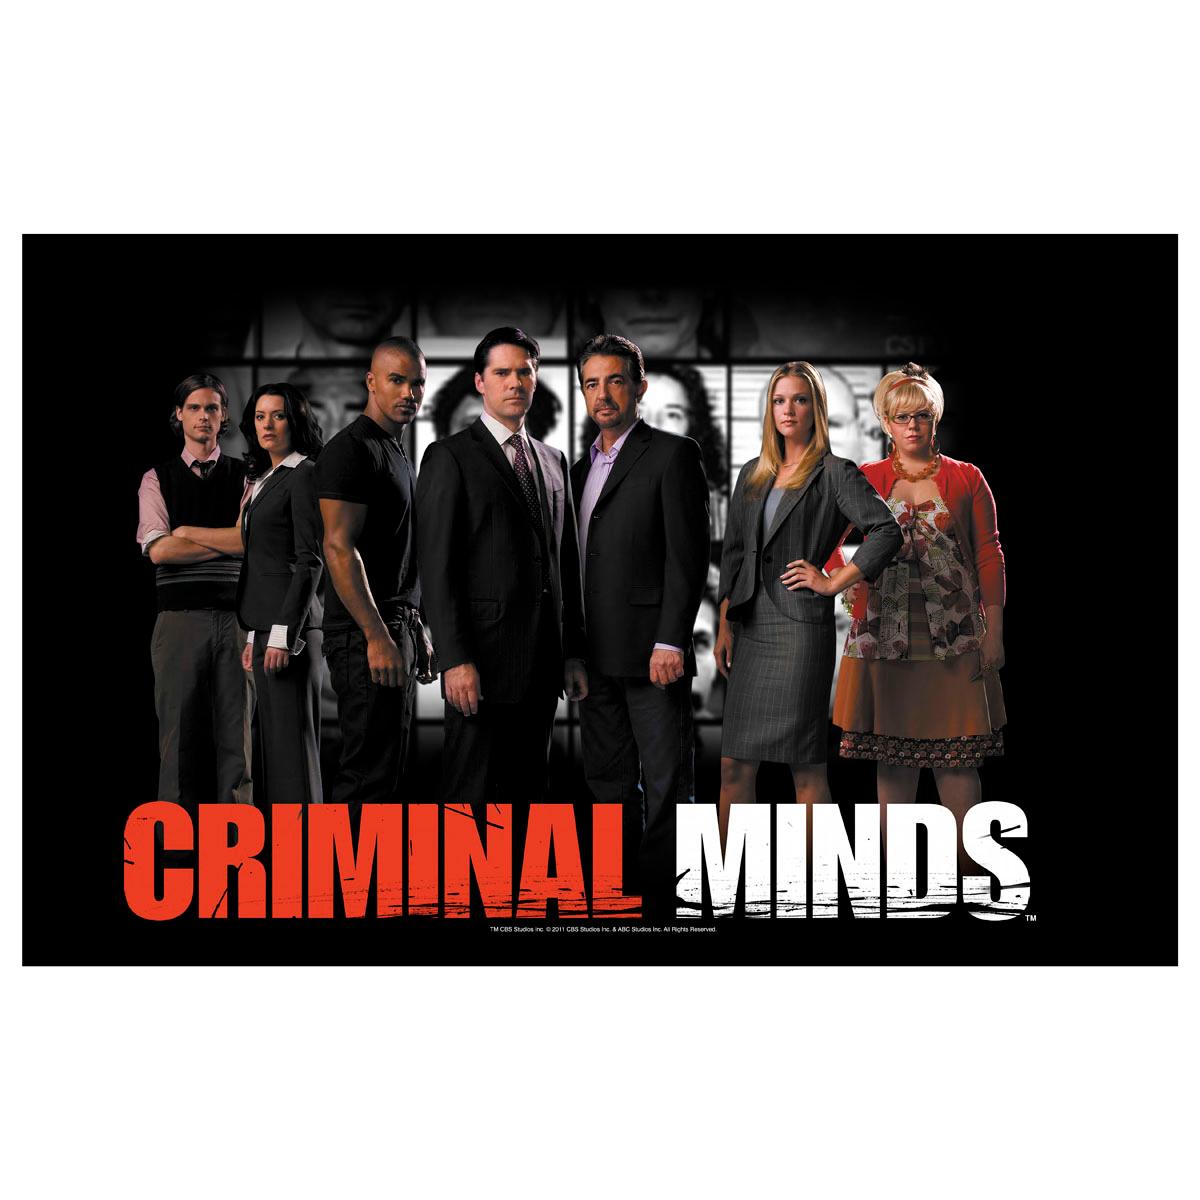 Criminal Minds Cast Poster